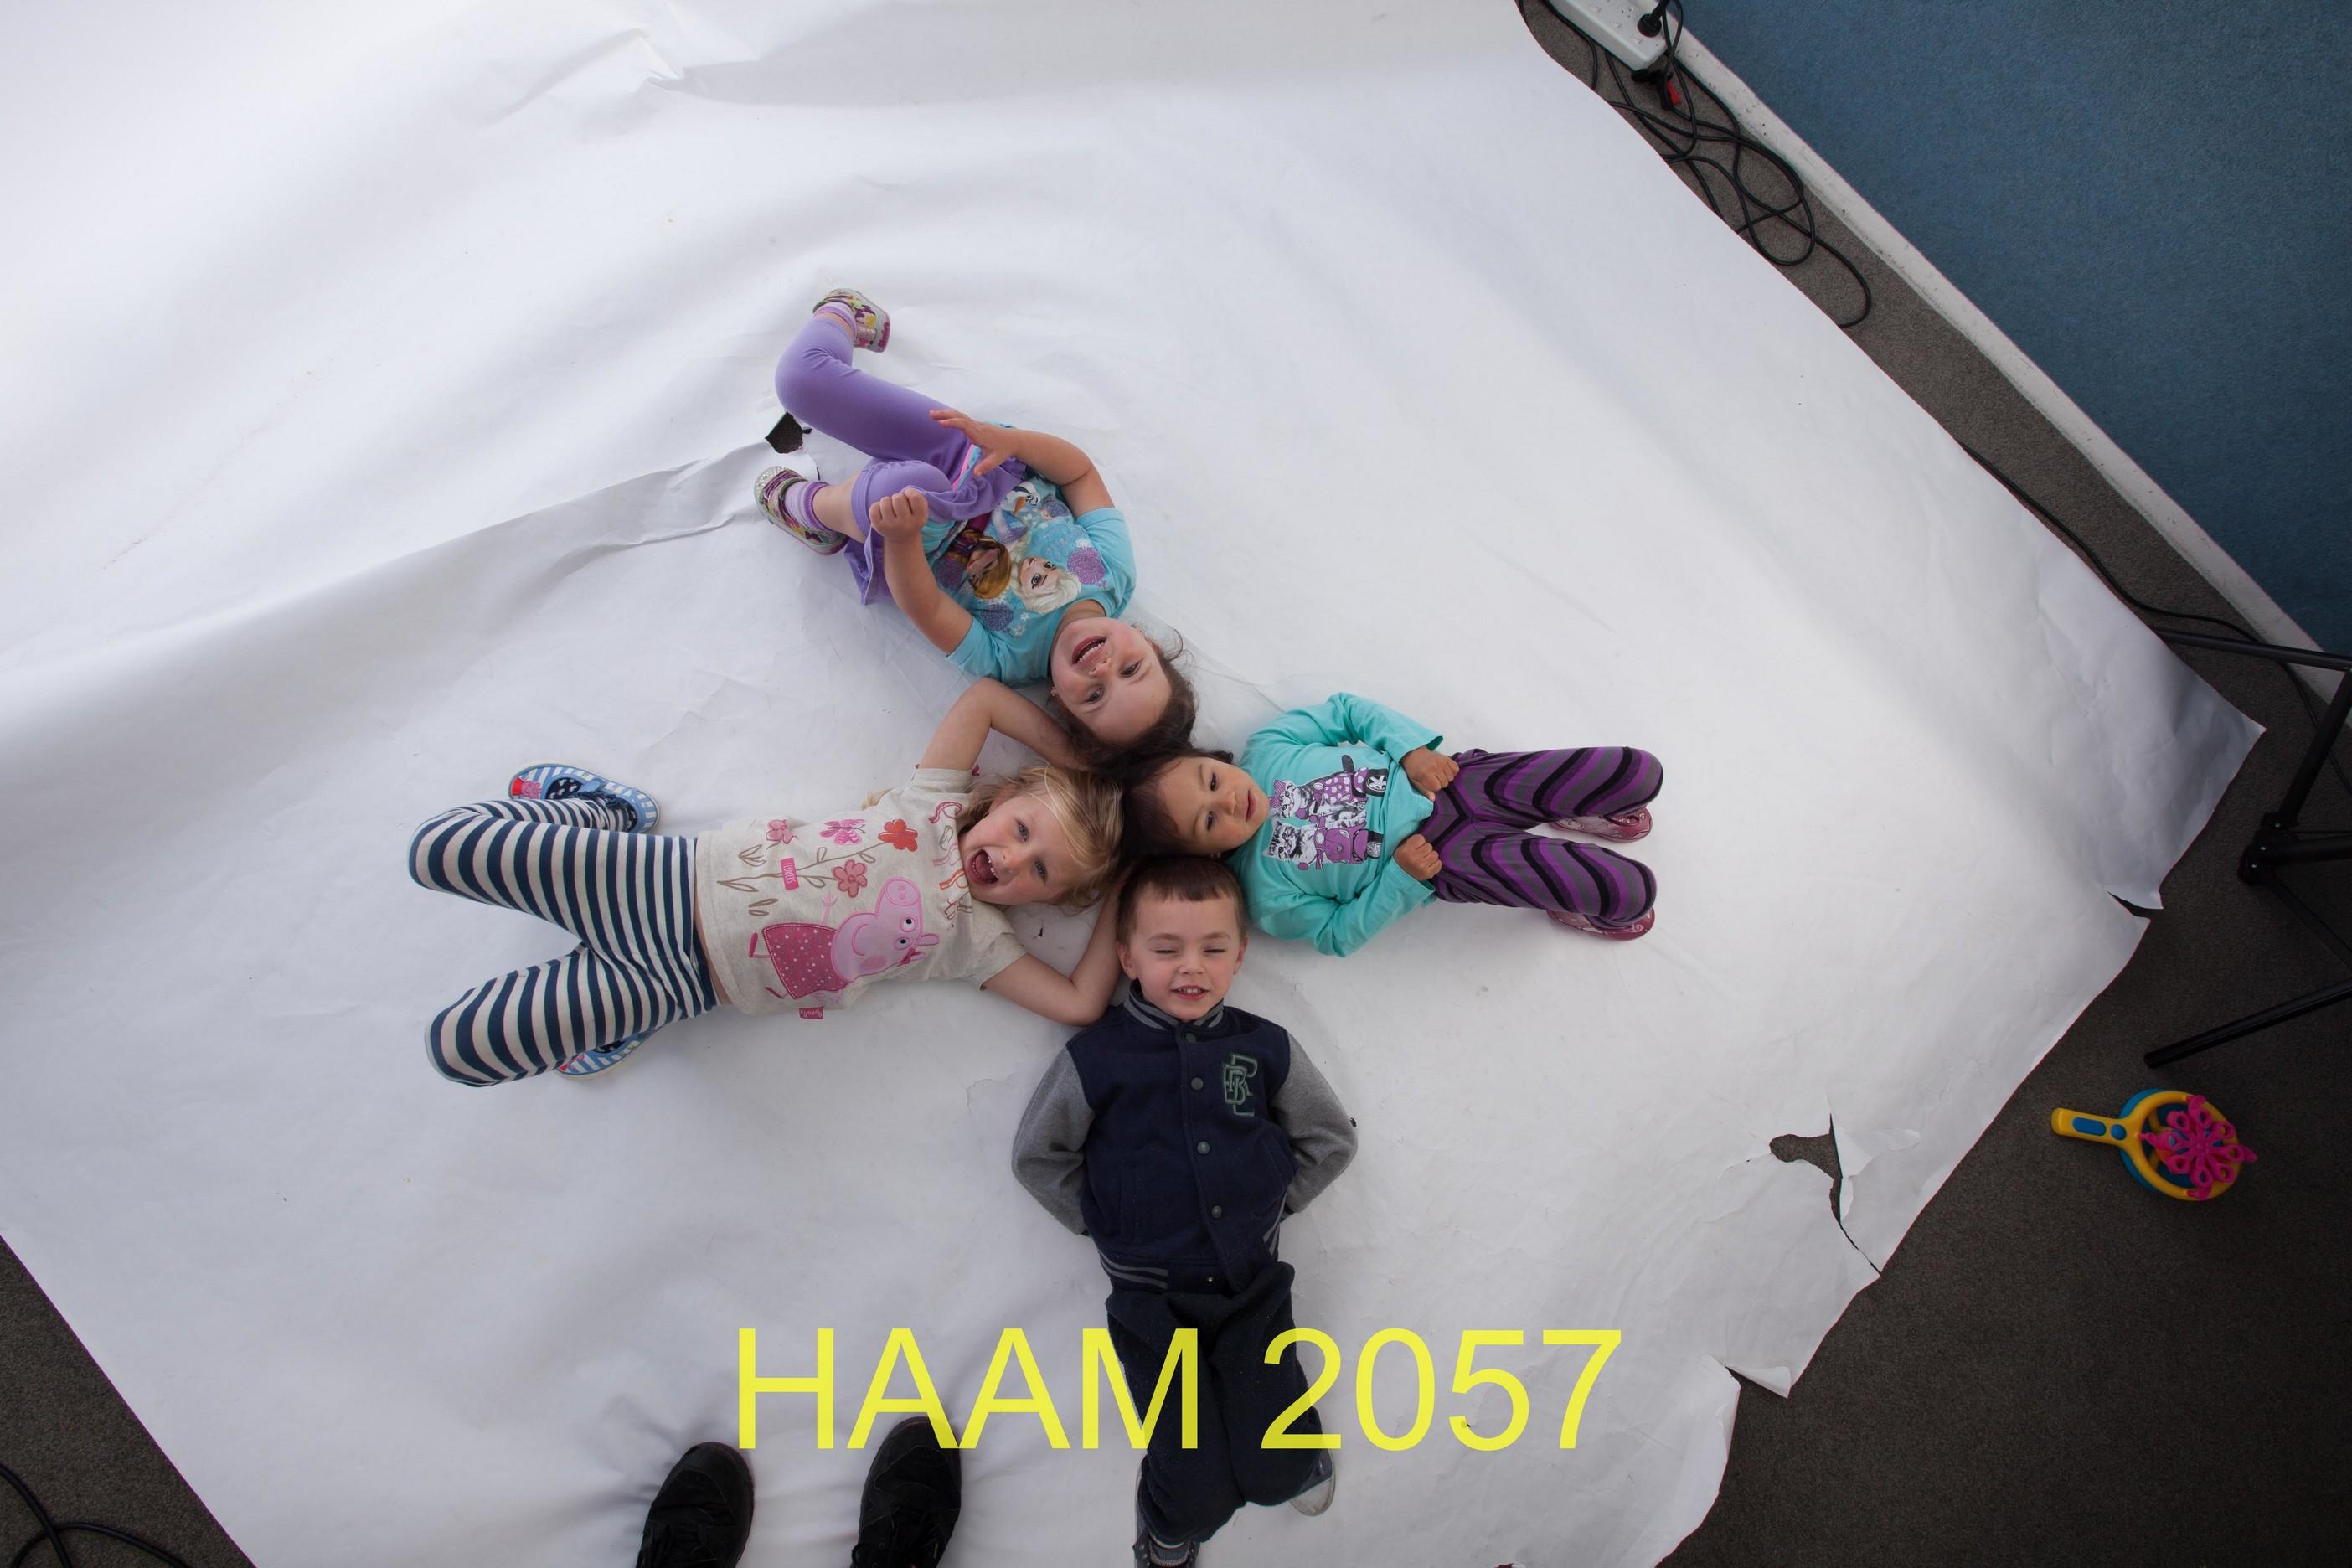 HAAM 2057